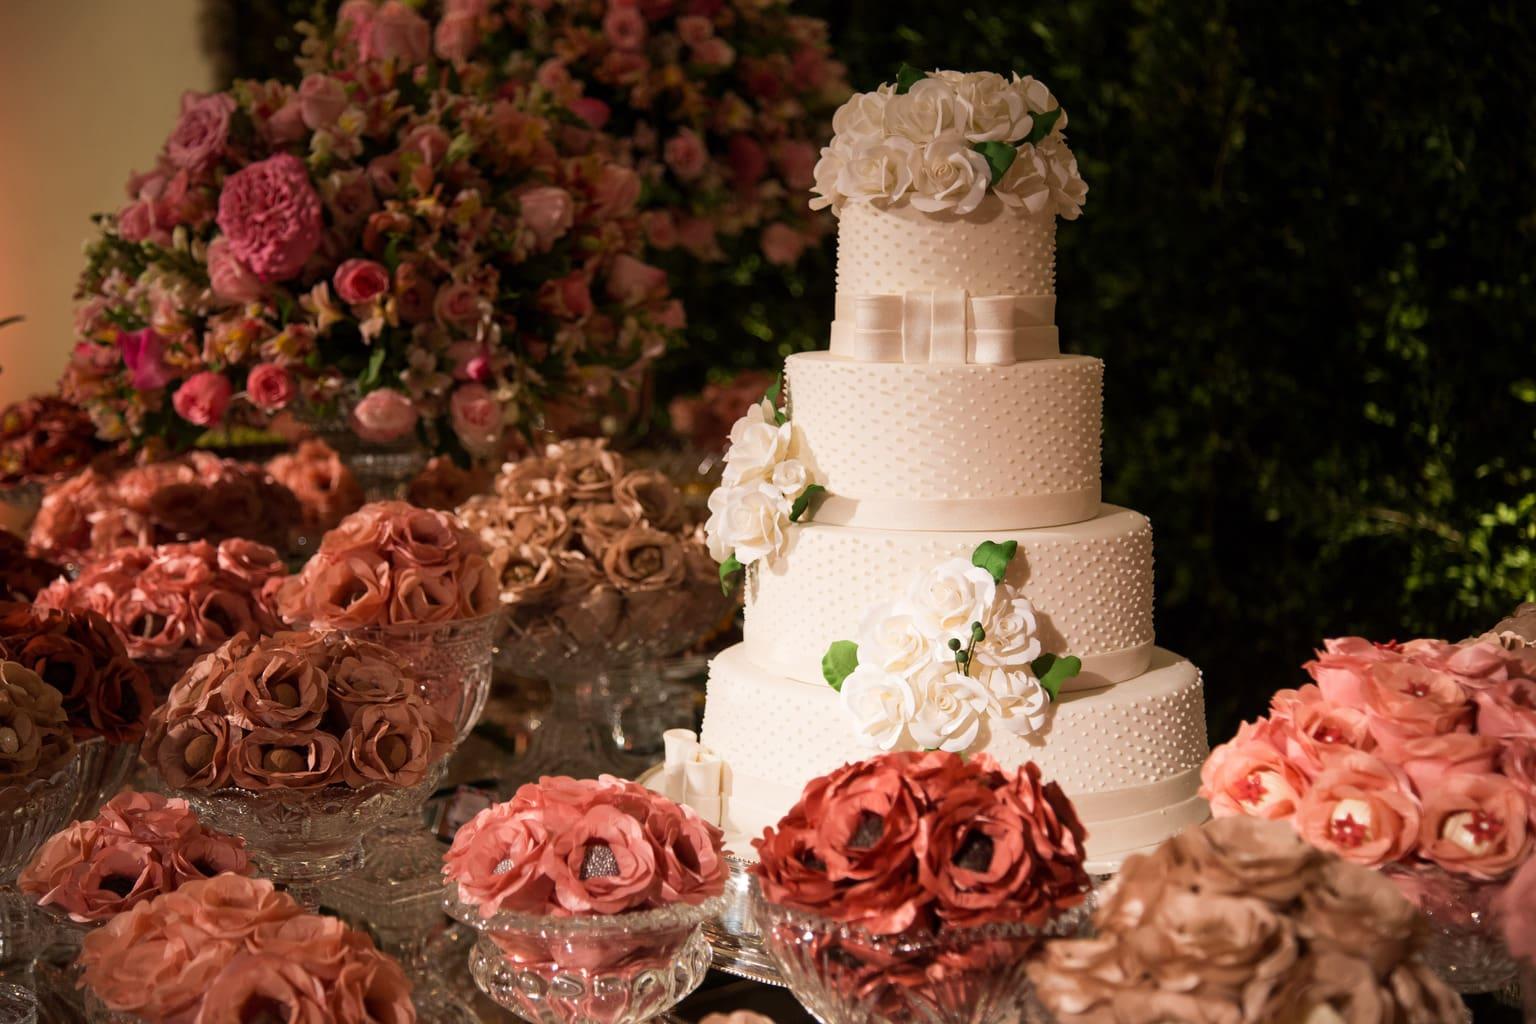 casamento-clássico-casamento-tradicional-rio-de-janeiro-niterói-Fotografia-Giovani-Garcia-casamento-Cássia-e-Daniel-11-1